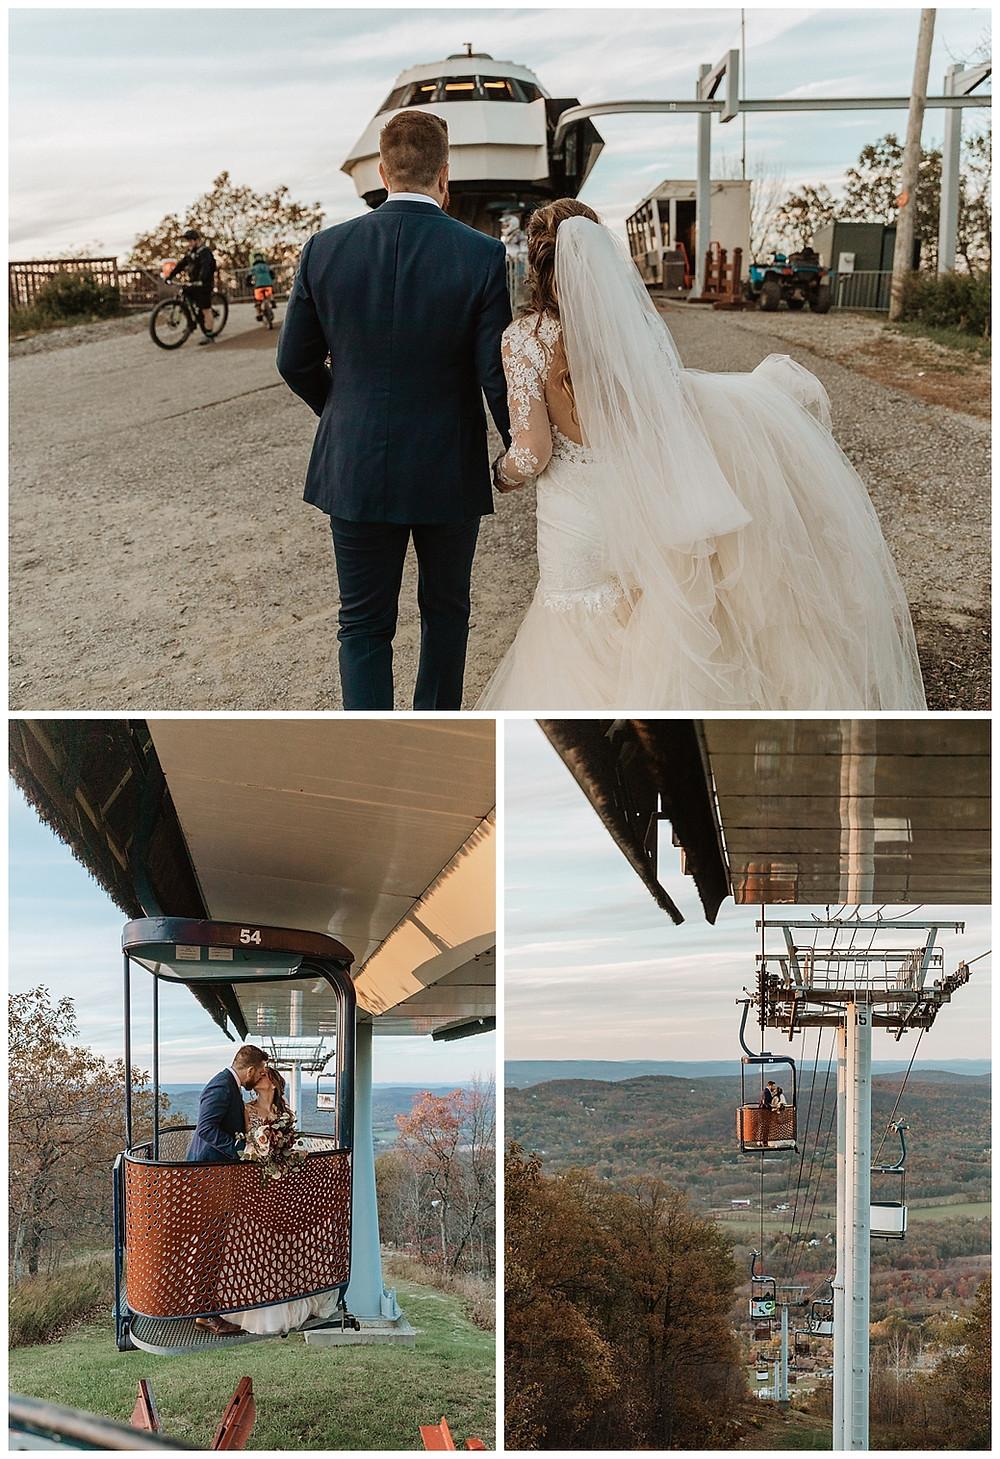 Bride and Groom Fun Gondola Exit to Reception